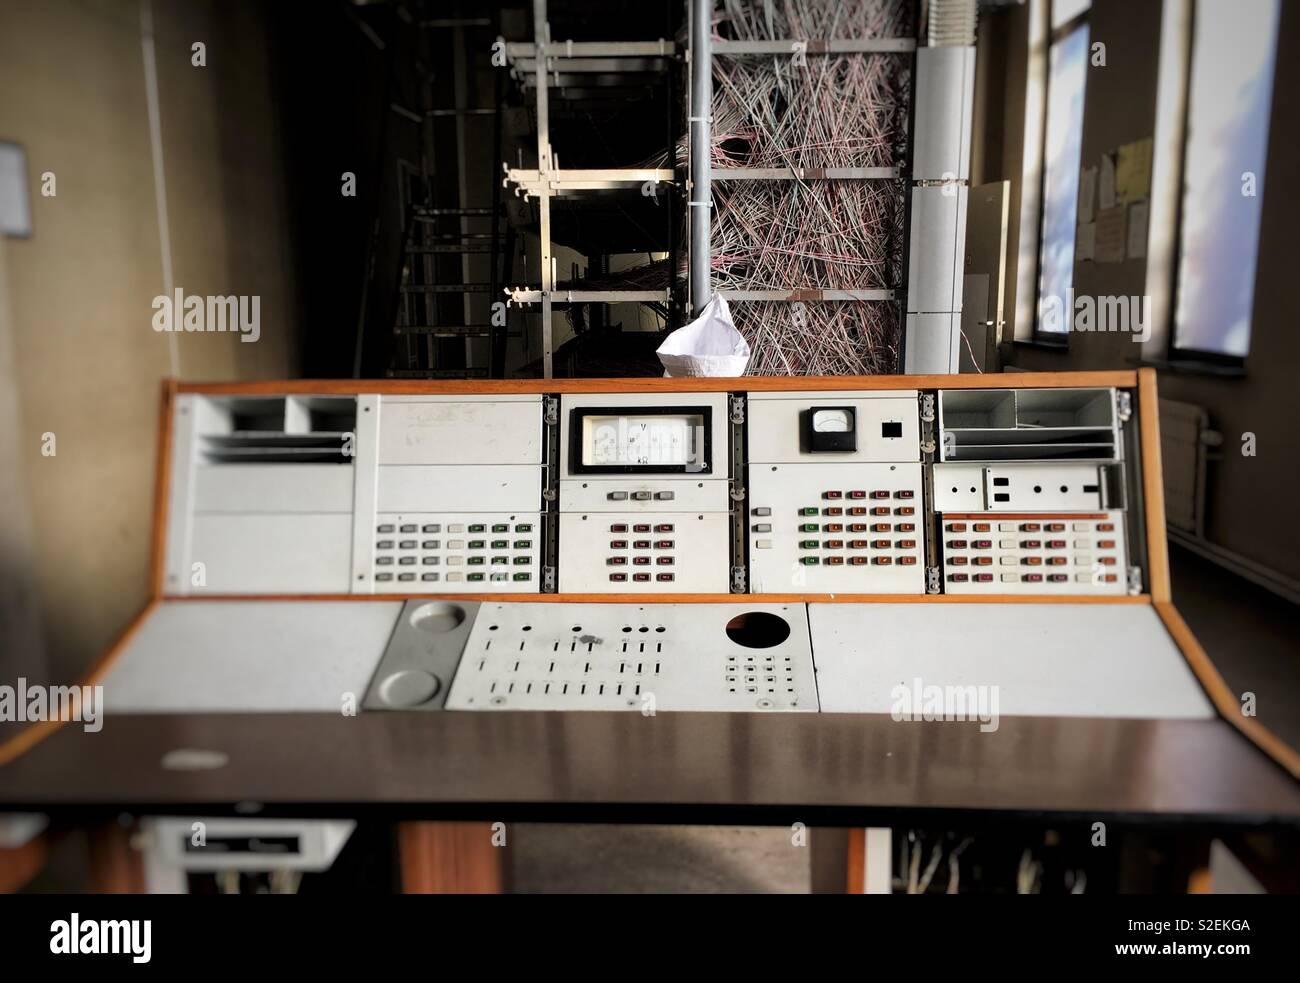 Réseau de télécommunications dépassées abandonnés station relais pour la distribution par internet Photo Stock